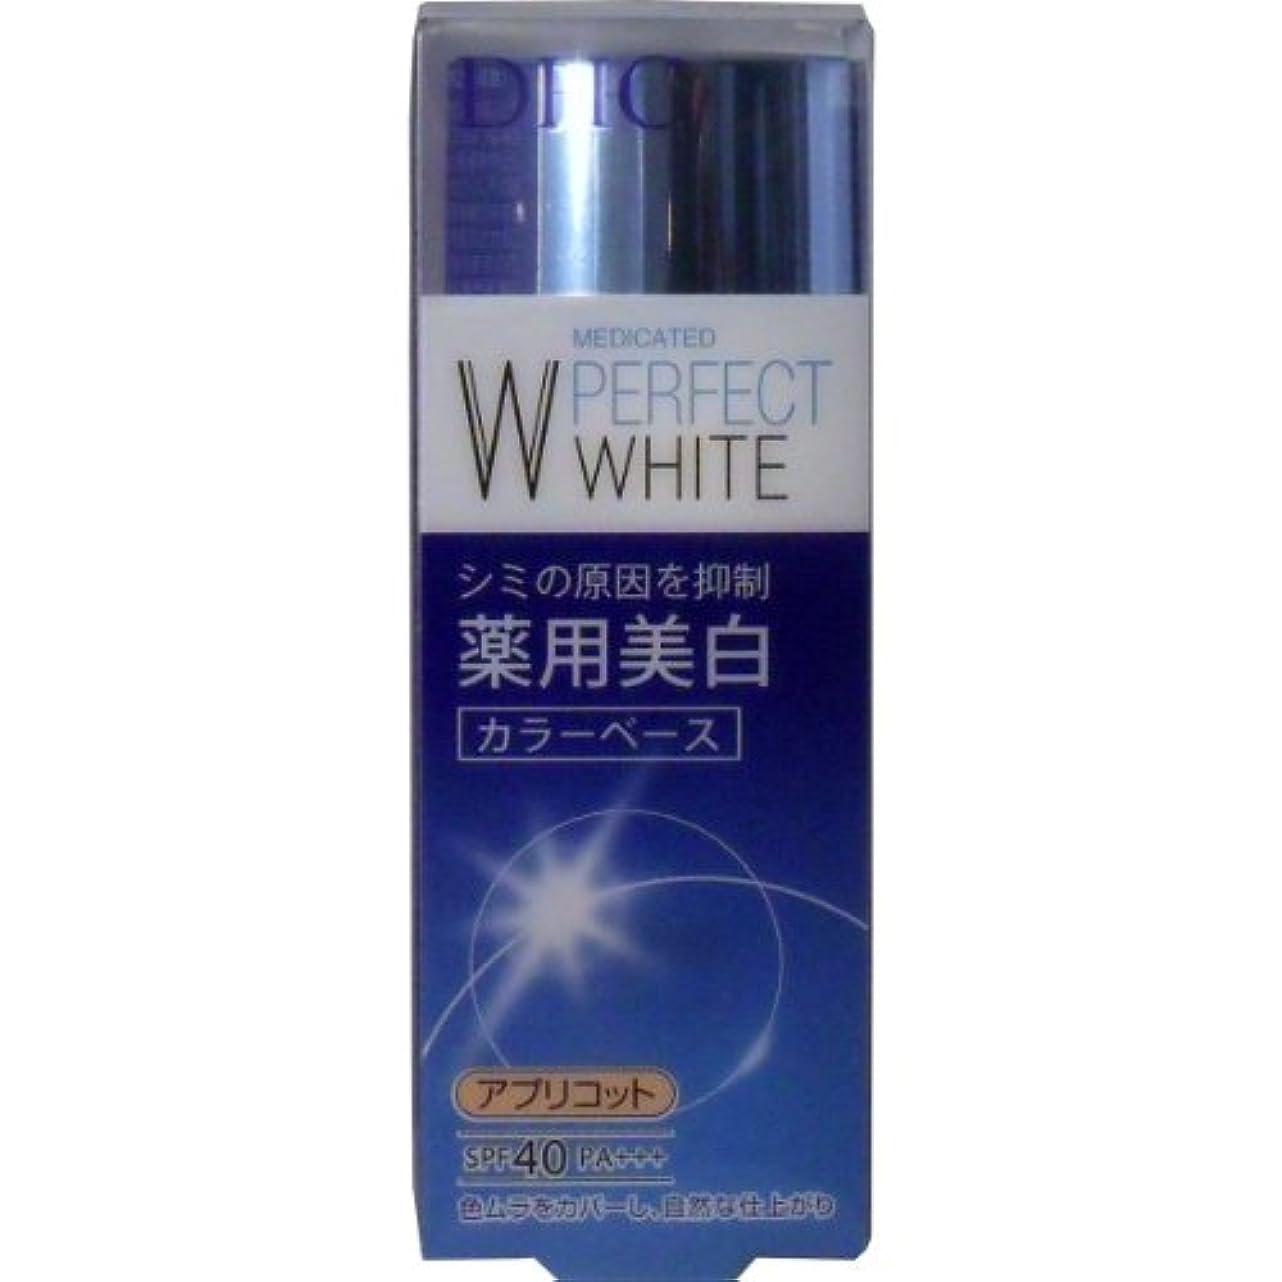 木材国歌パワーDHC 薬用美白パーフェクトホワイト カラーベース アプリコット 30g (商品内訳:単品1個)